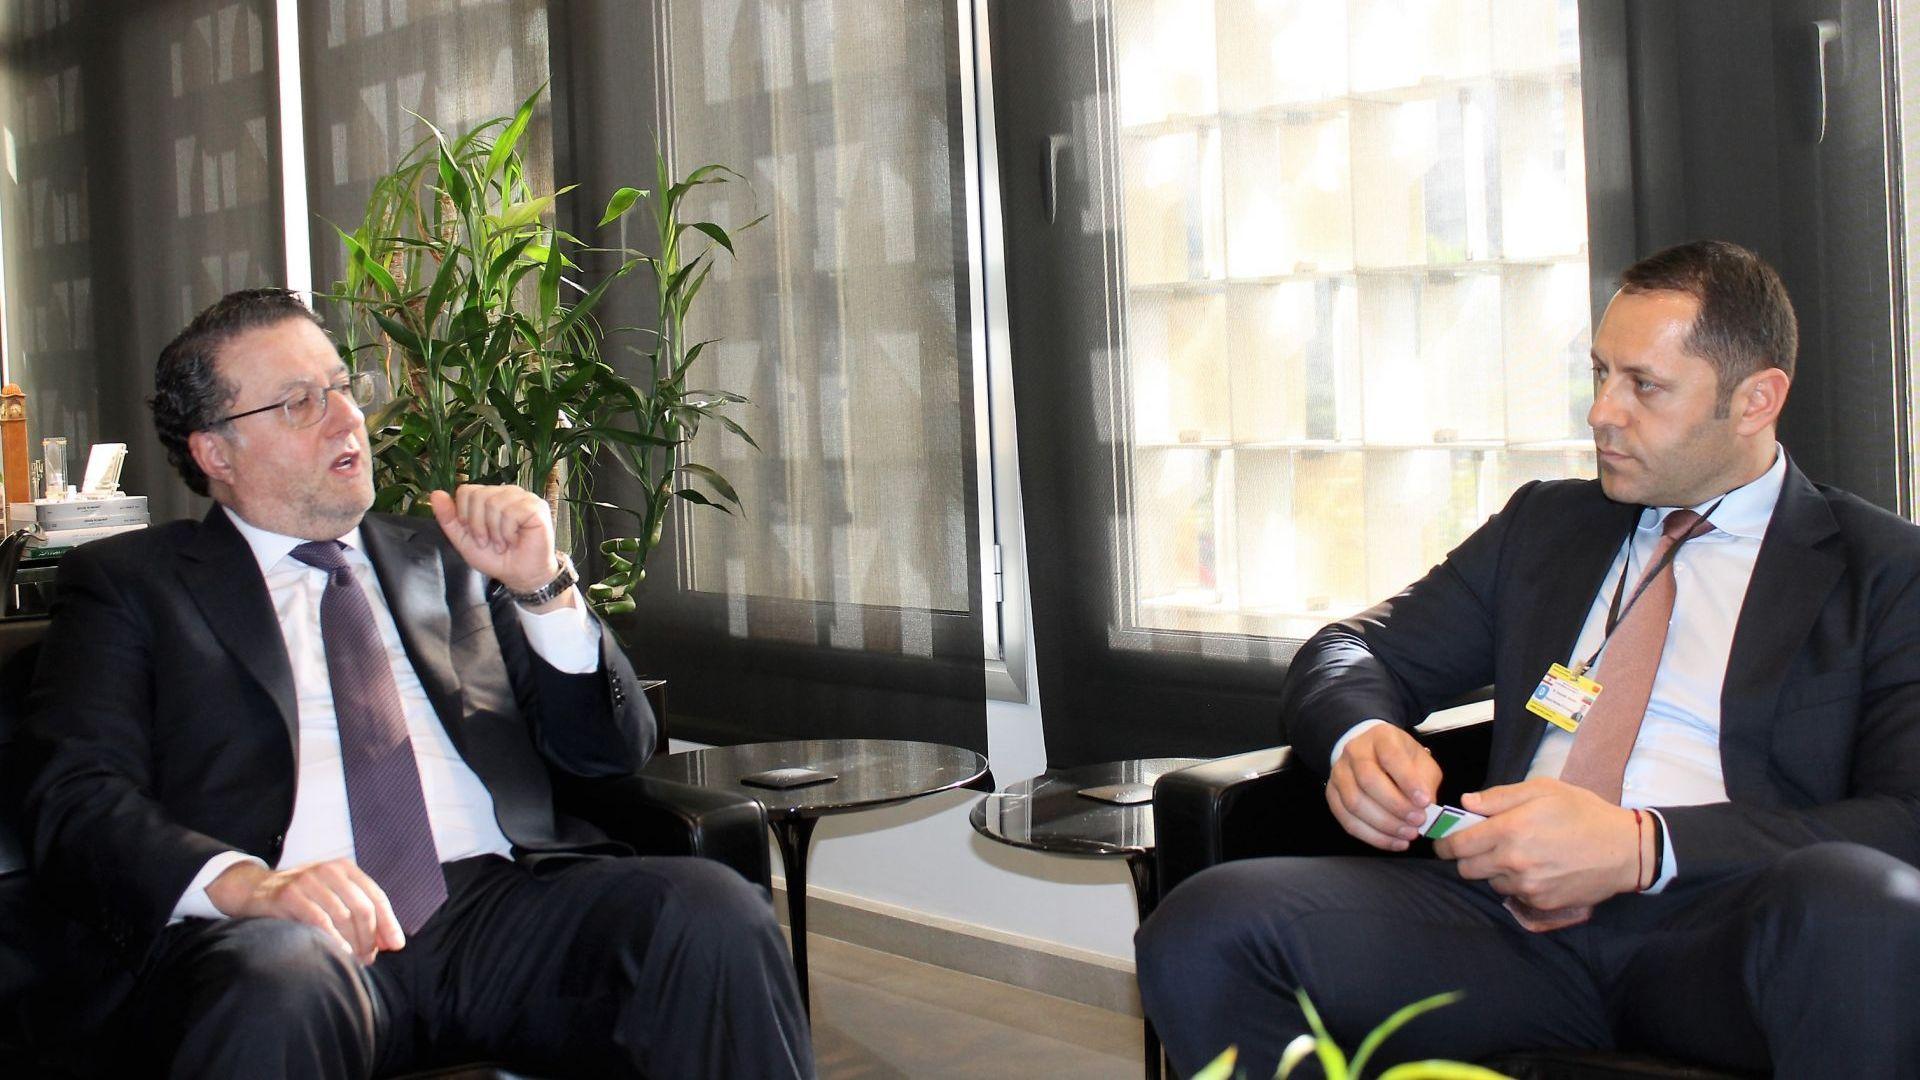 Български компании могат да кандидатстват за ливански проекти за над $7 млрд.